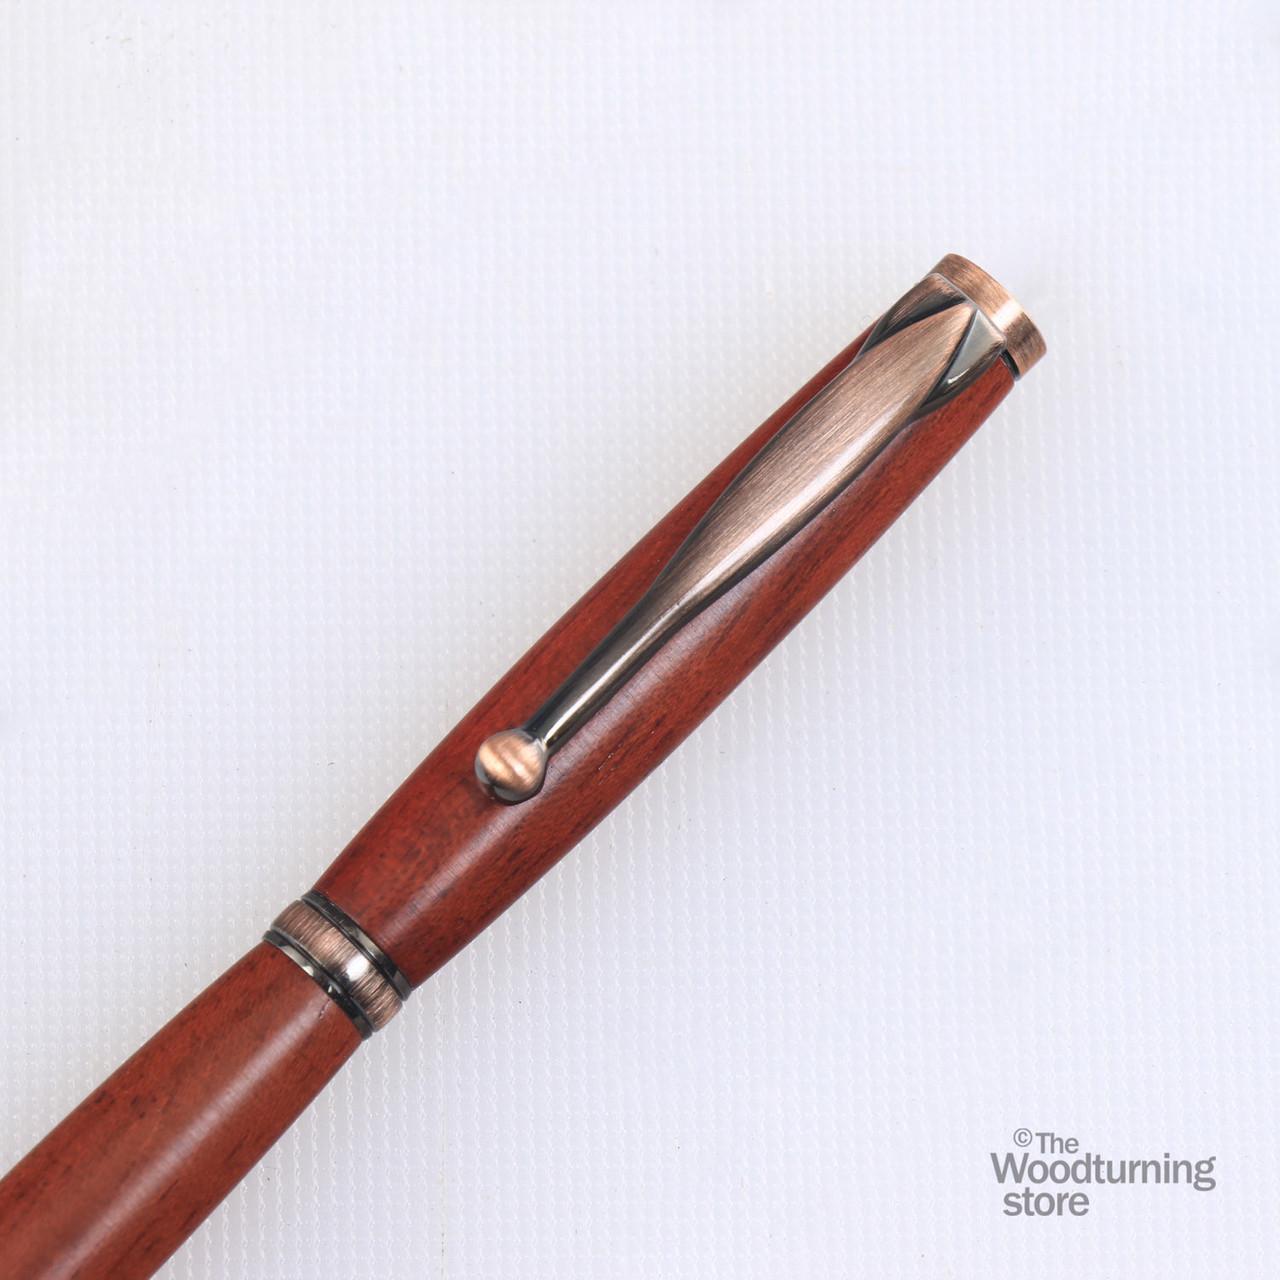 Antique Bronze polish x 5 Woodturning Pen Kits Slimline Fancy